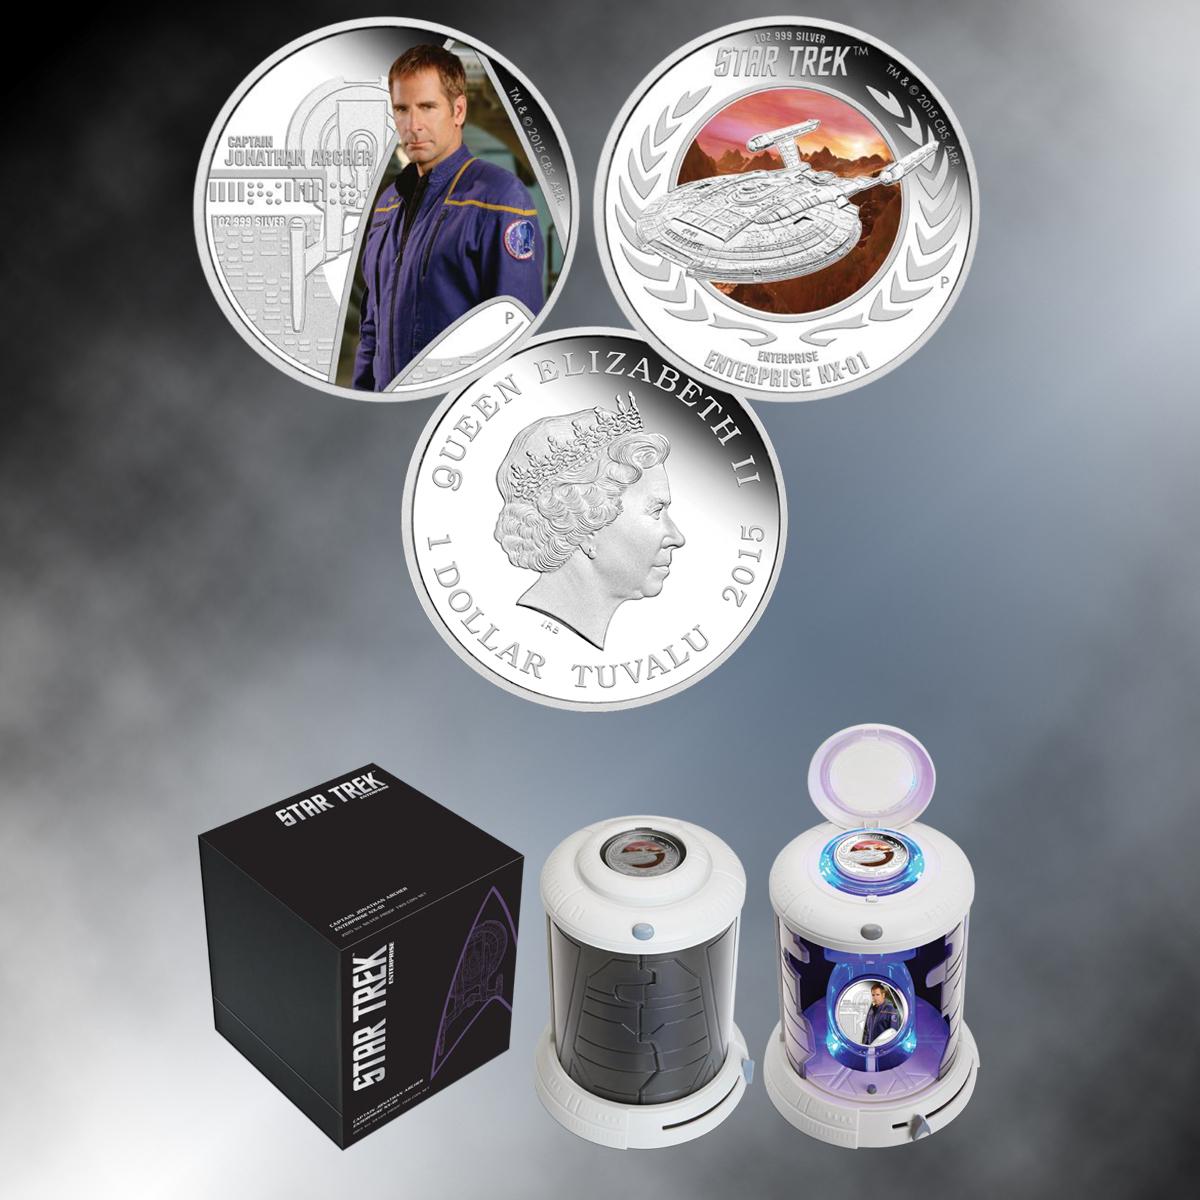 2015 Star Trek 2pc Set Captain Archer & Enterprise NX-01